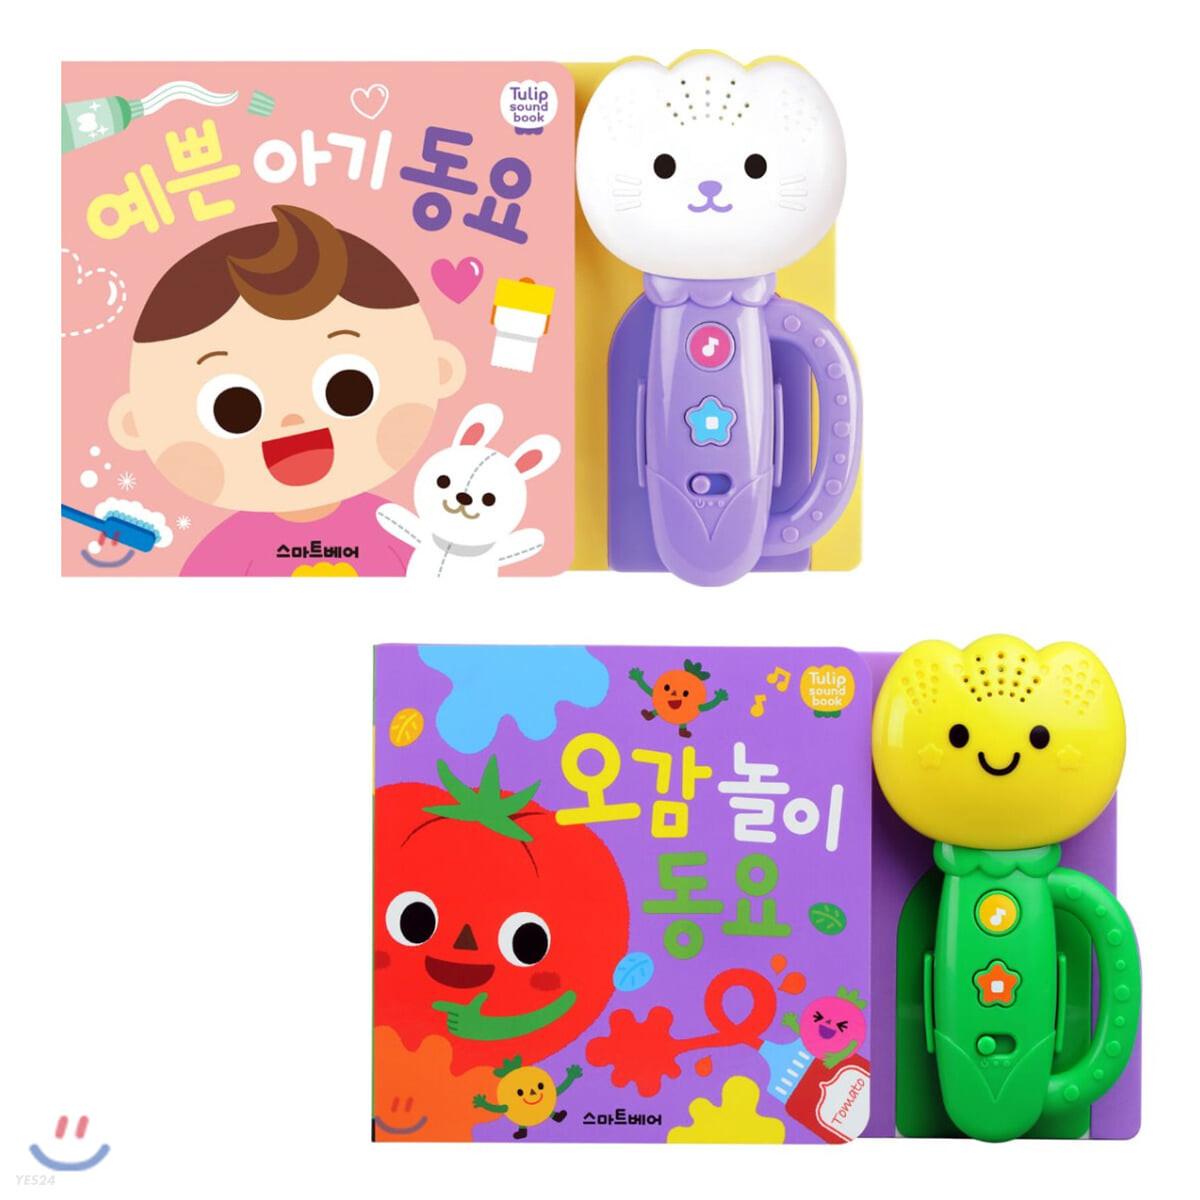 튤립 사운드북 예쁜 아기 동요 + 오감 놀이 동요